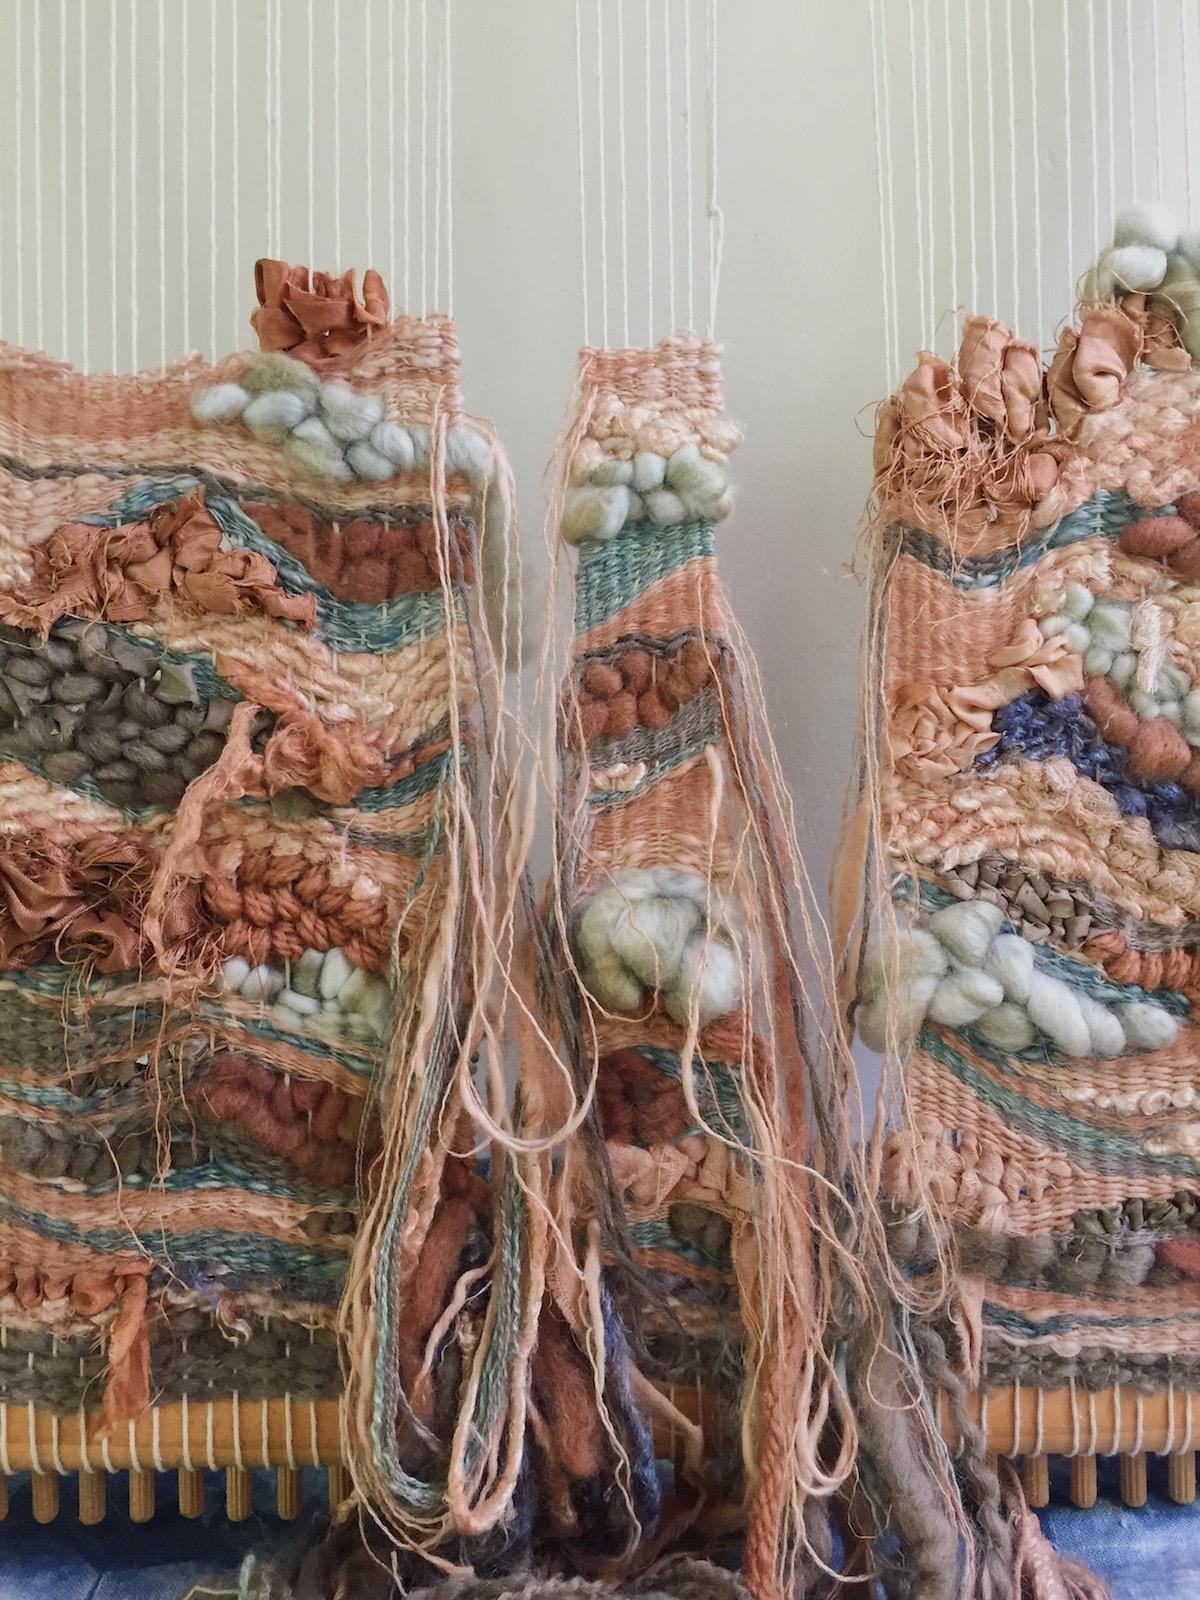 Ellie Beck Petalplum Loom Weaving detail .jpg